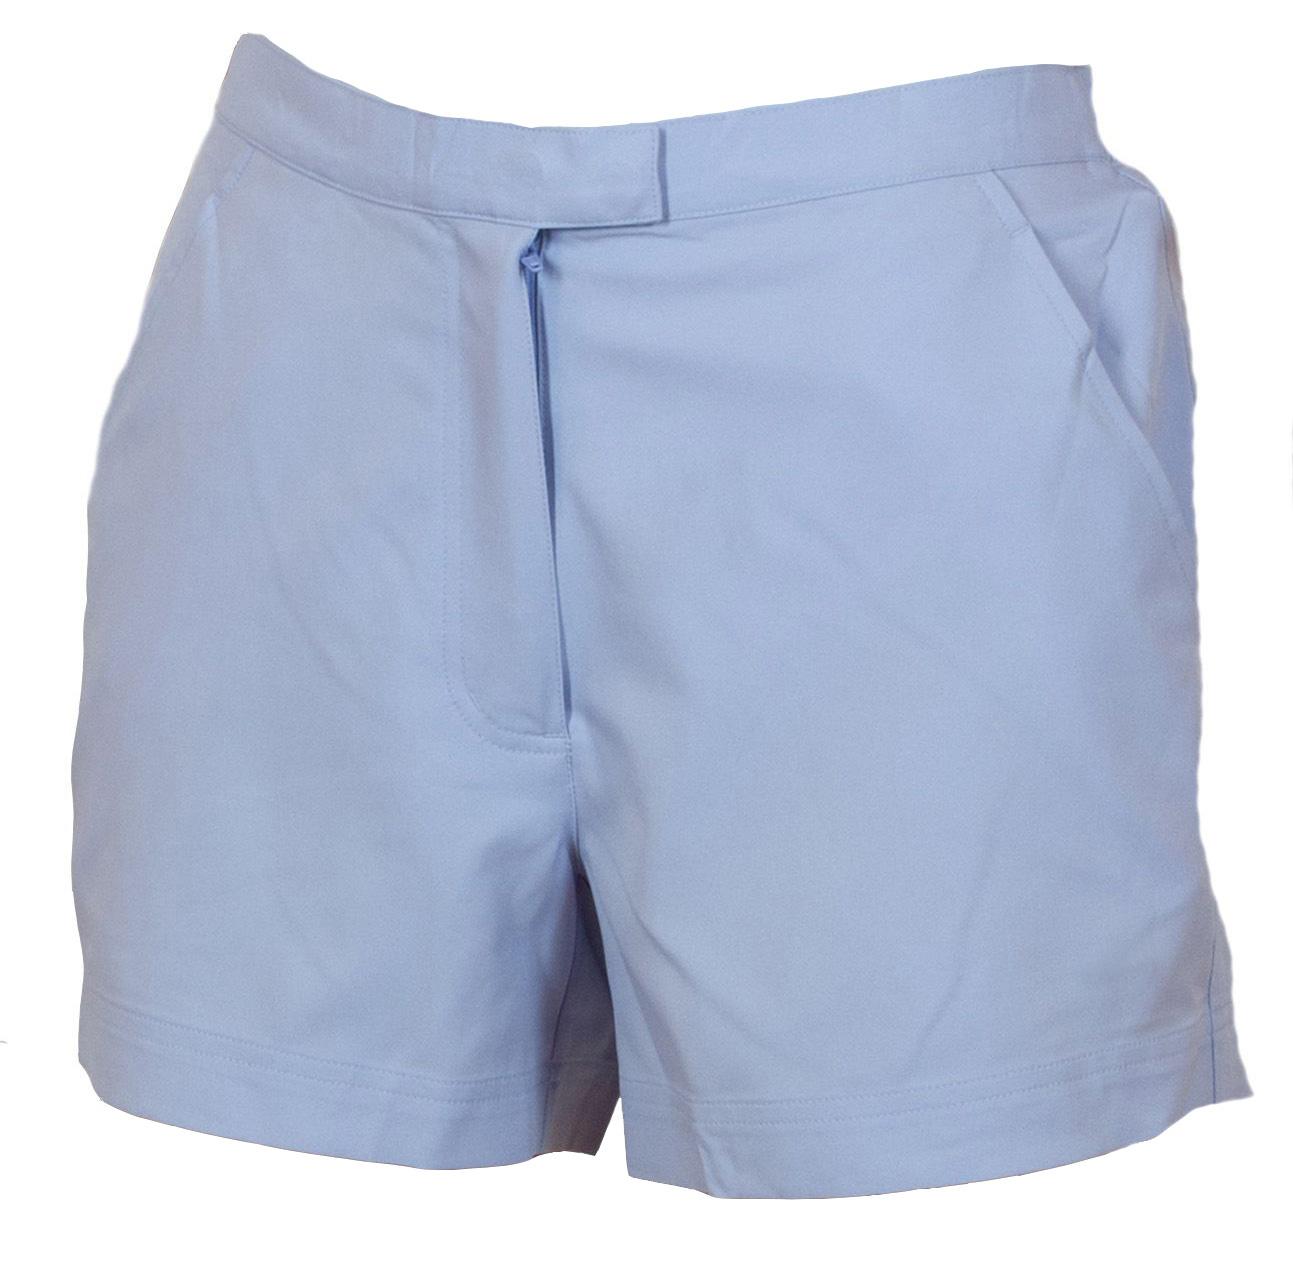 Купить женские шортики светло-голубого цвета